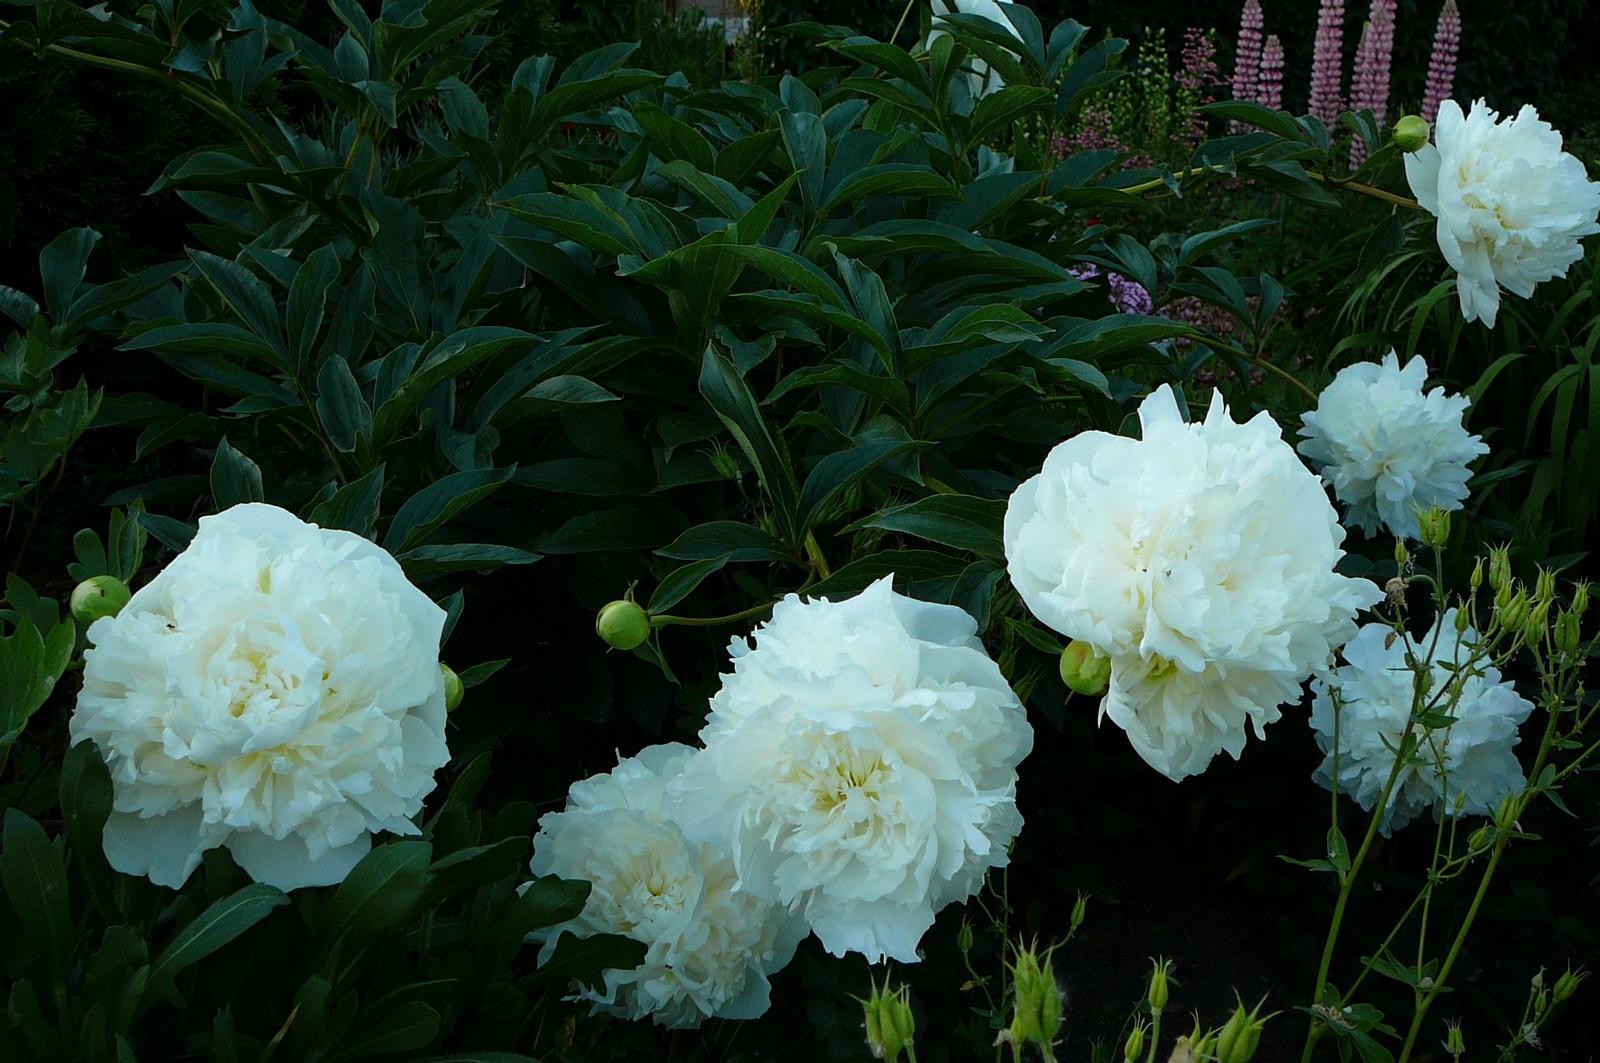 Moja buduca bielo zelena zahrada - Obrázek č. 90